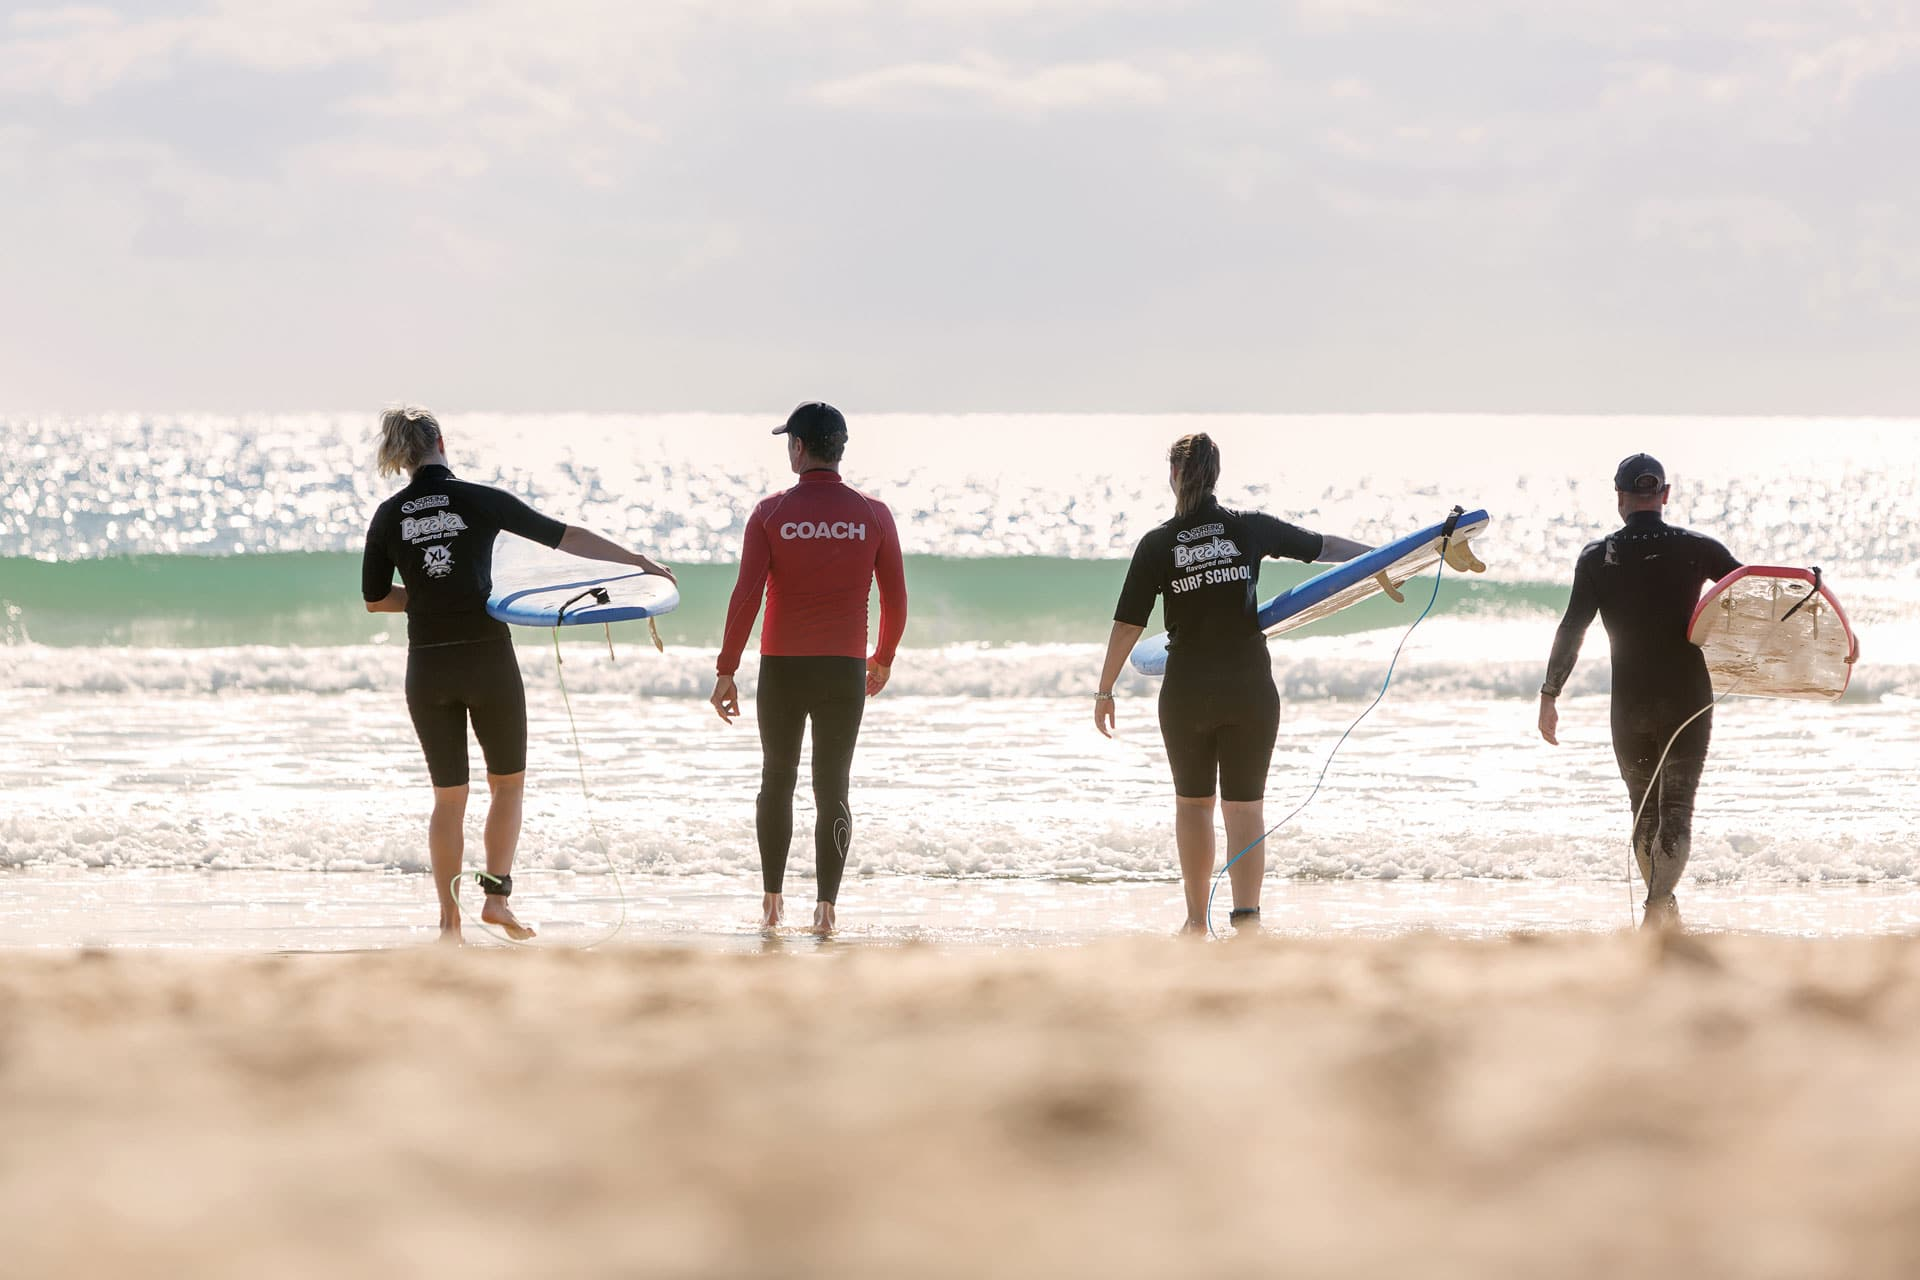 utbilda sig till personlig tränare utomlands tafe australien